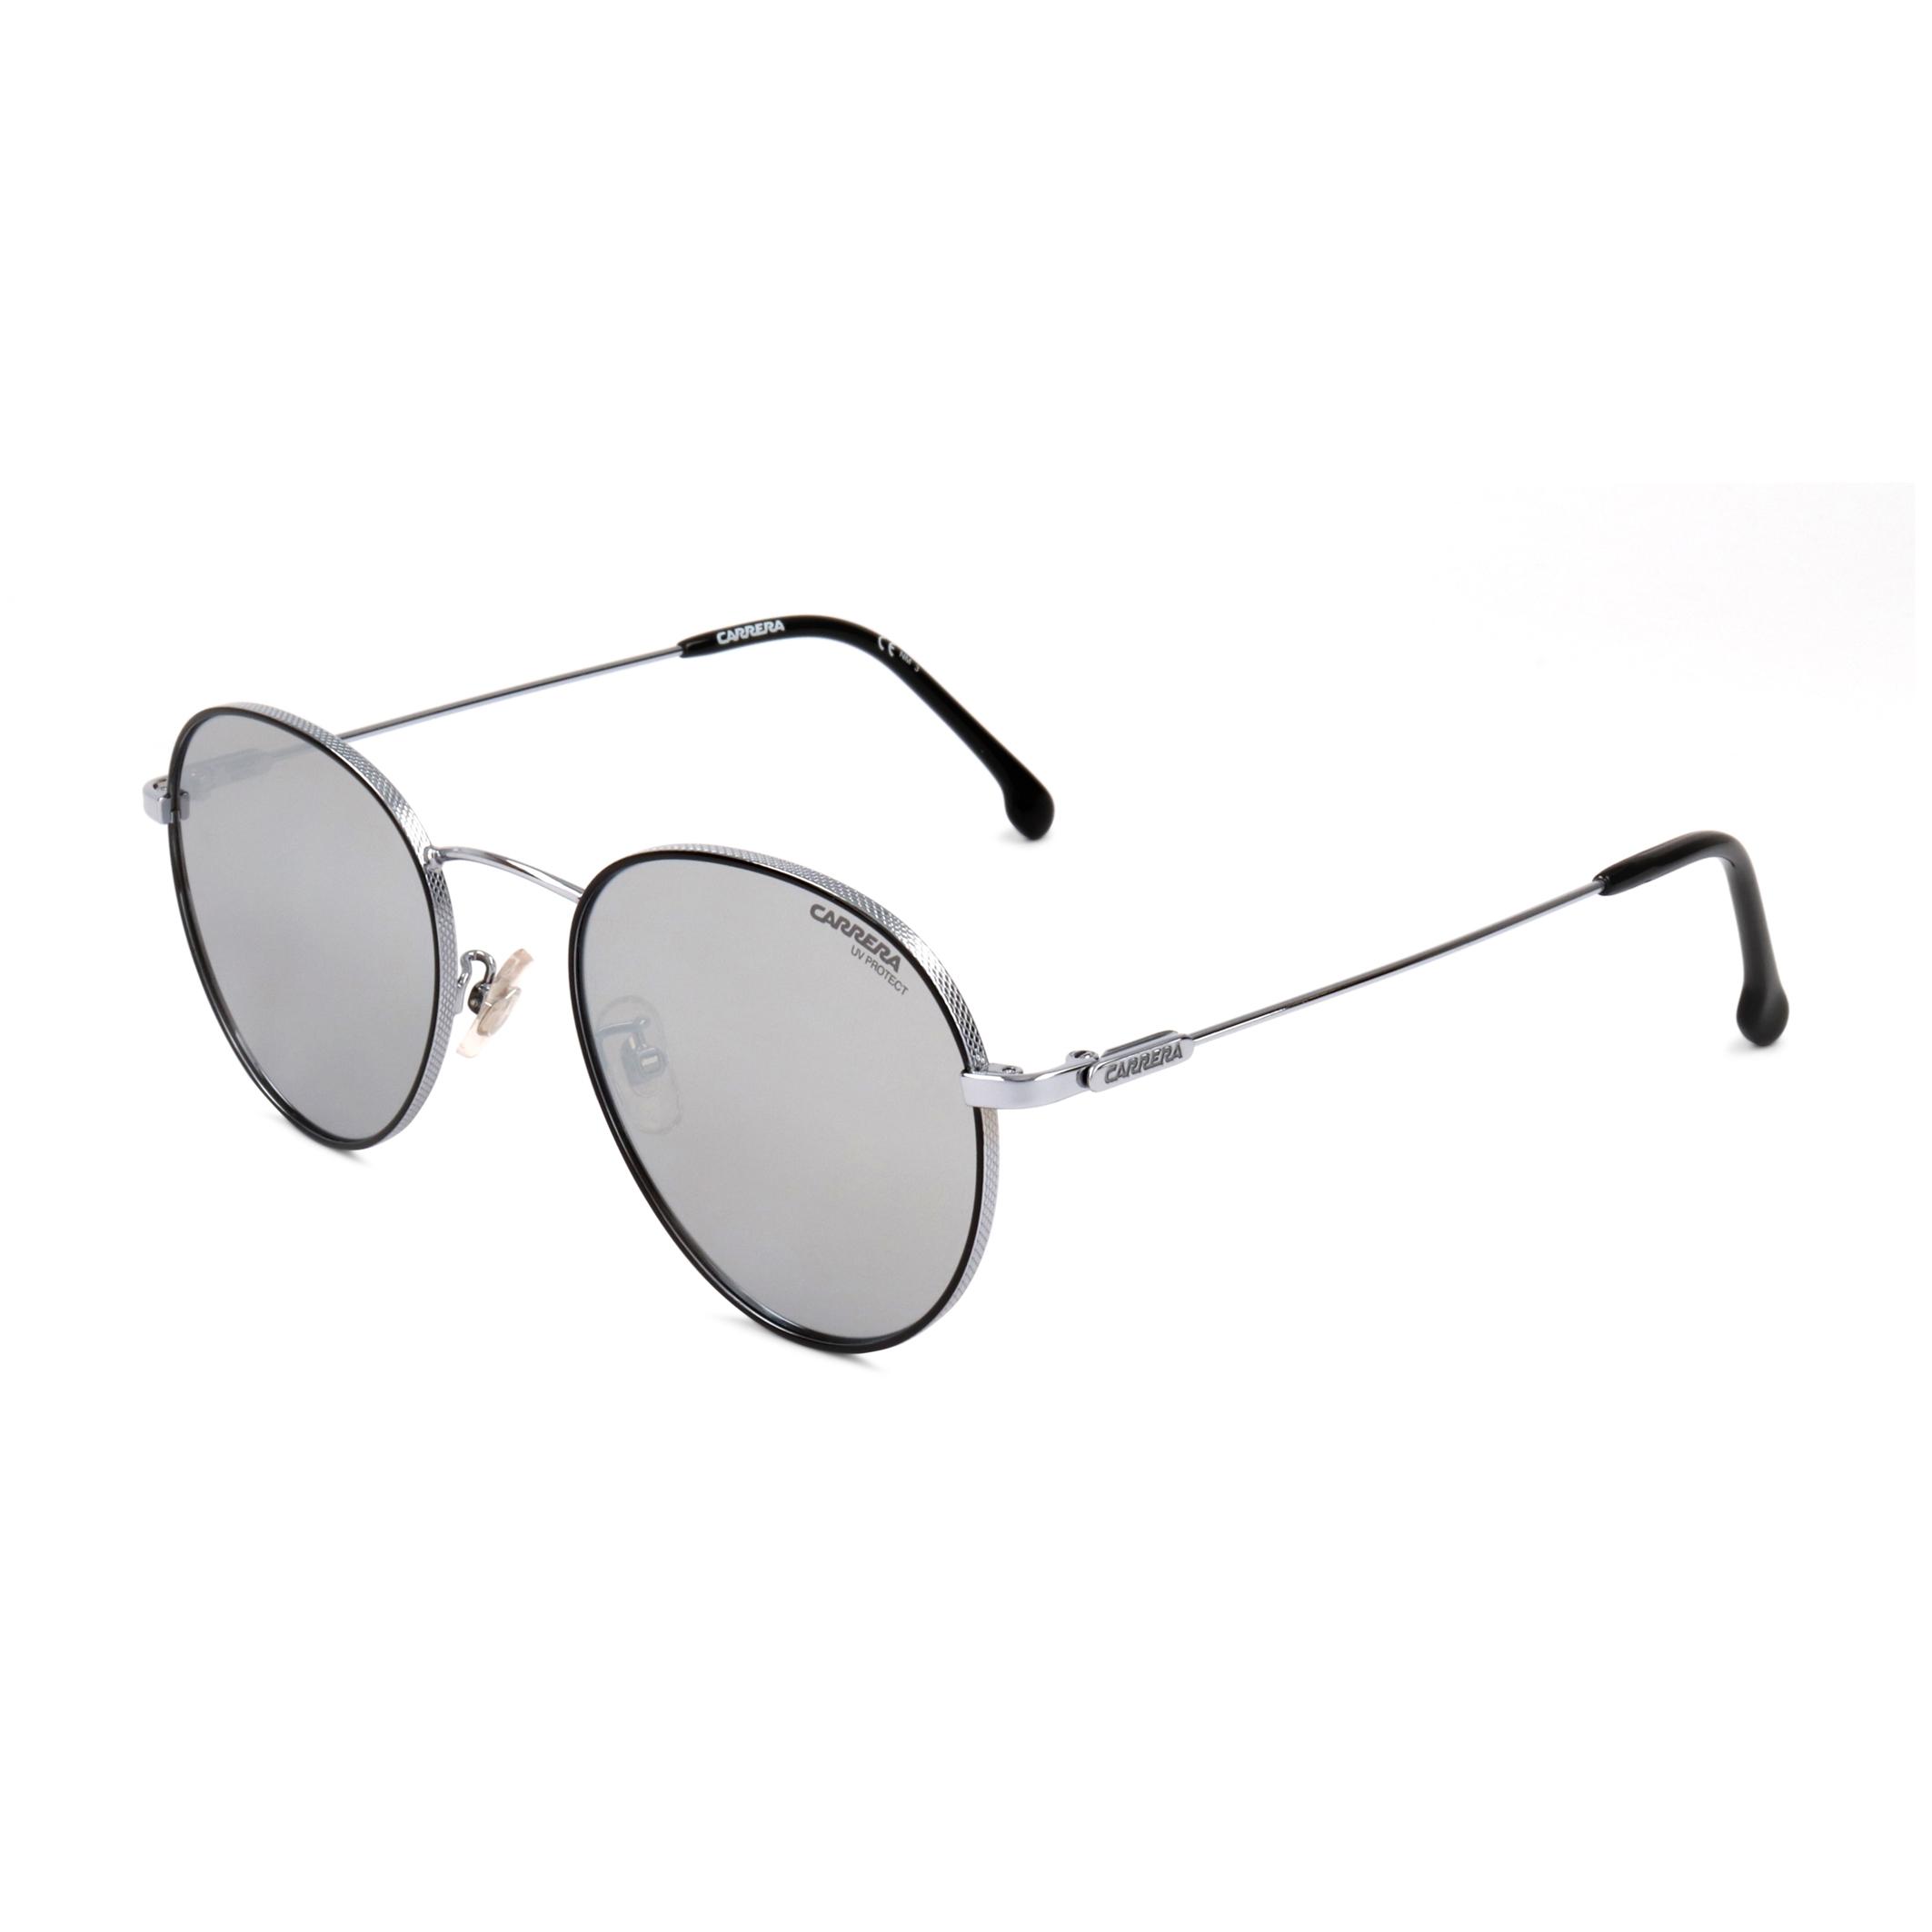 Ochelari de soare Carrera 216GS Negru